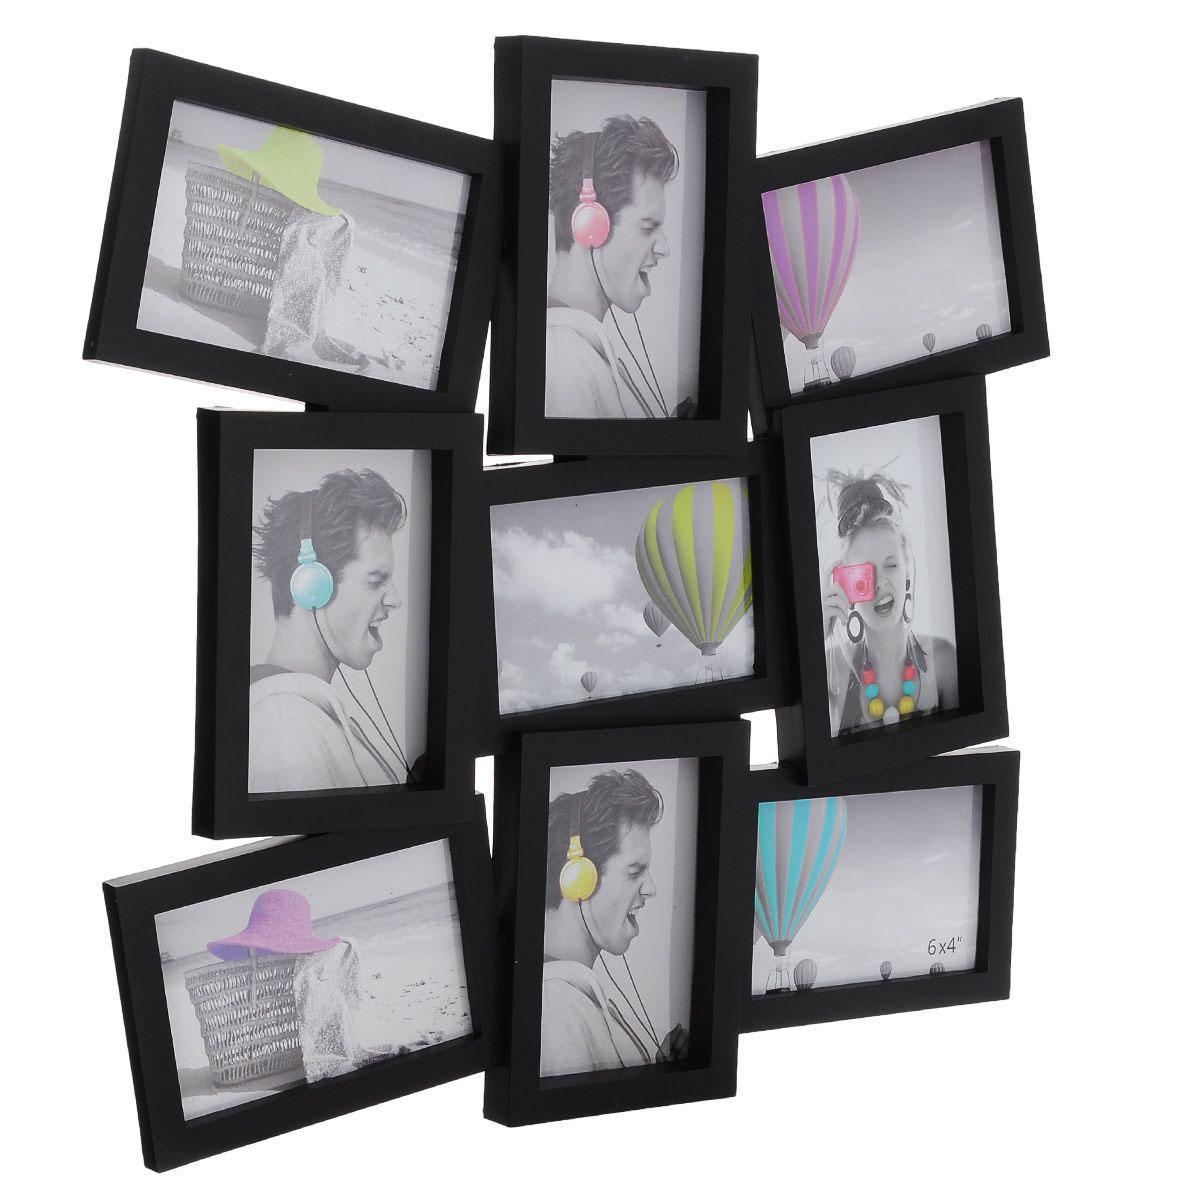 Фоторамка Image Art, на 9 фото, 10 см х 15 см34120139_сер_бирюз_фиолетФоторамка Image Art отлично дополнит интерьер помещения и поможет сохранить на память ваши любимые фотографии. Фоторамка выполнена из пластика черного цвета под дерево и представляет собой коллаж из 9 прямоугольных рамочек с вертикальным и горизонтальным расположением фотографий. Изделие подвешивается к стене. Такая рамка позволит сохранить на память изображения дорогих вам людей и интересных событий вашей жизни, а также станет приятным подарком для каждого.